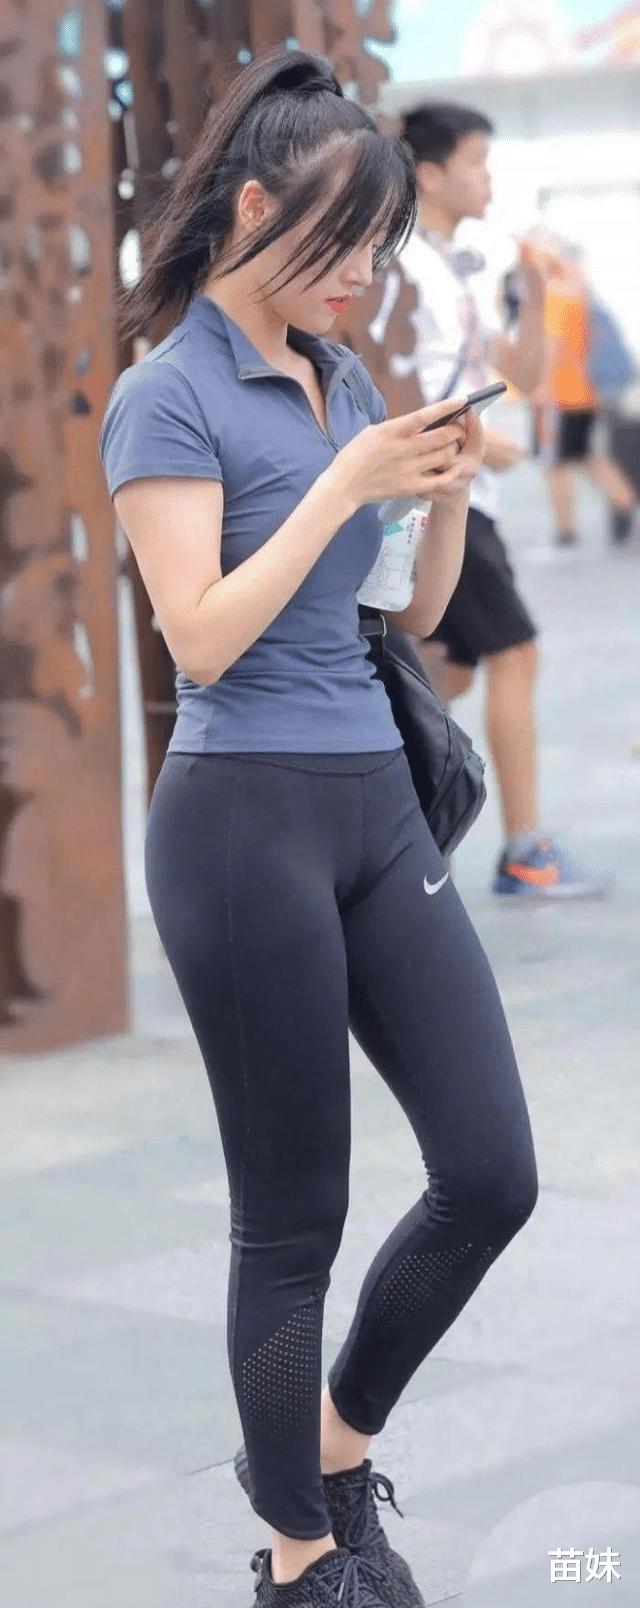 潇洒时尚的瑜伽裤小姐姐,展示曲线身材,穿出女神范!